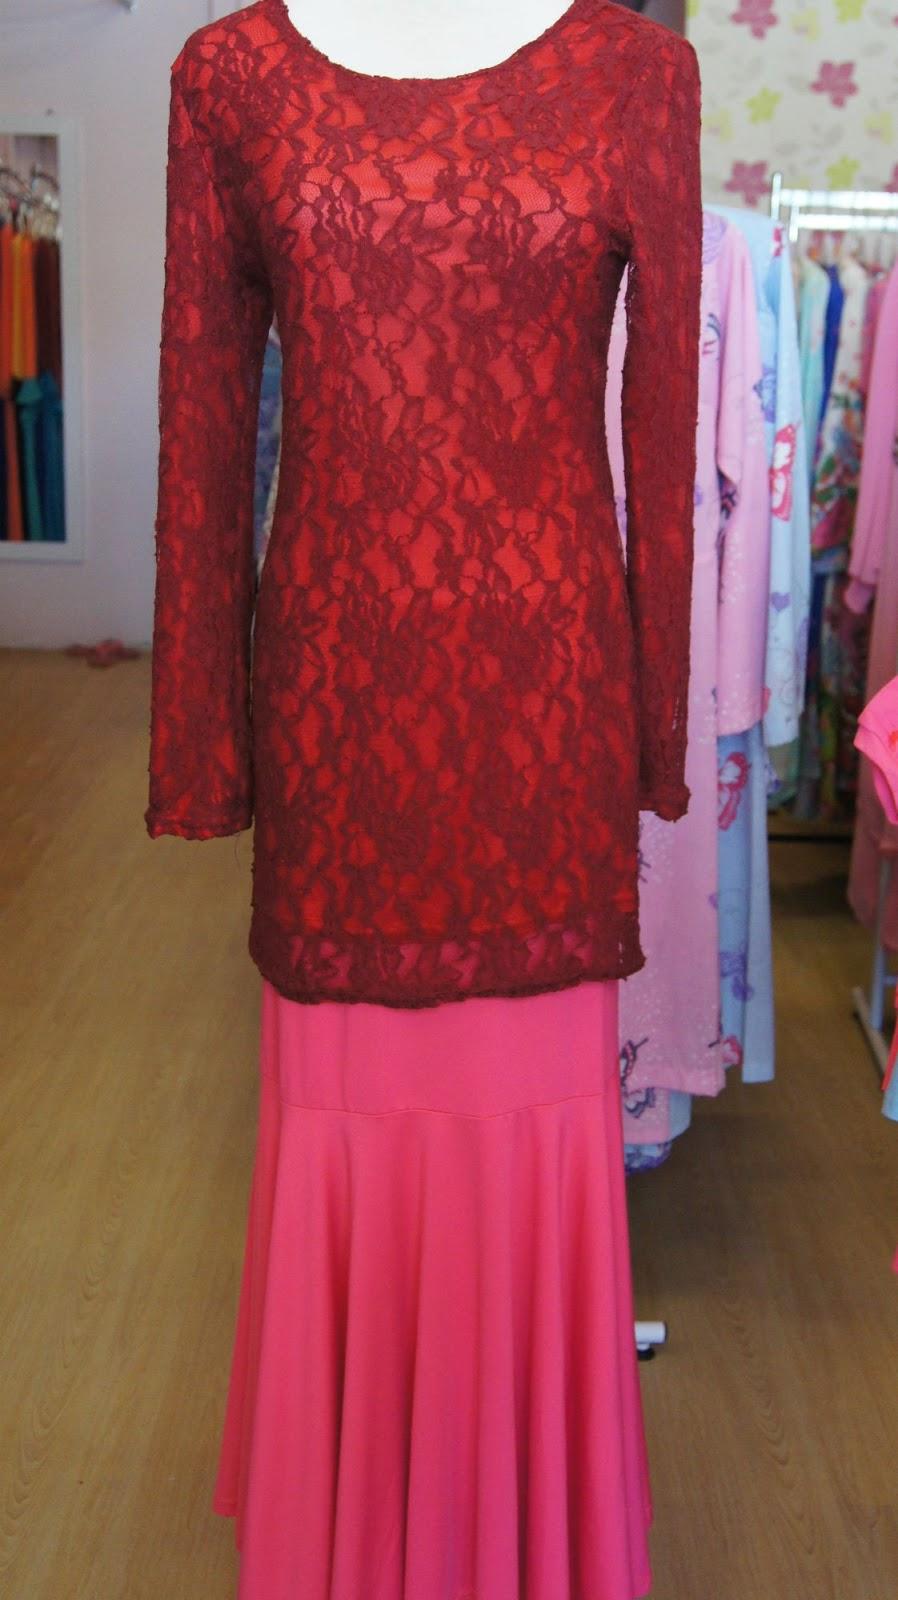 Butik Qaireen: Kurung Moden Lace Red+pink code KL1303 (SOLD!!)